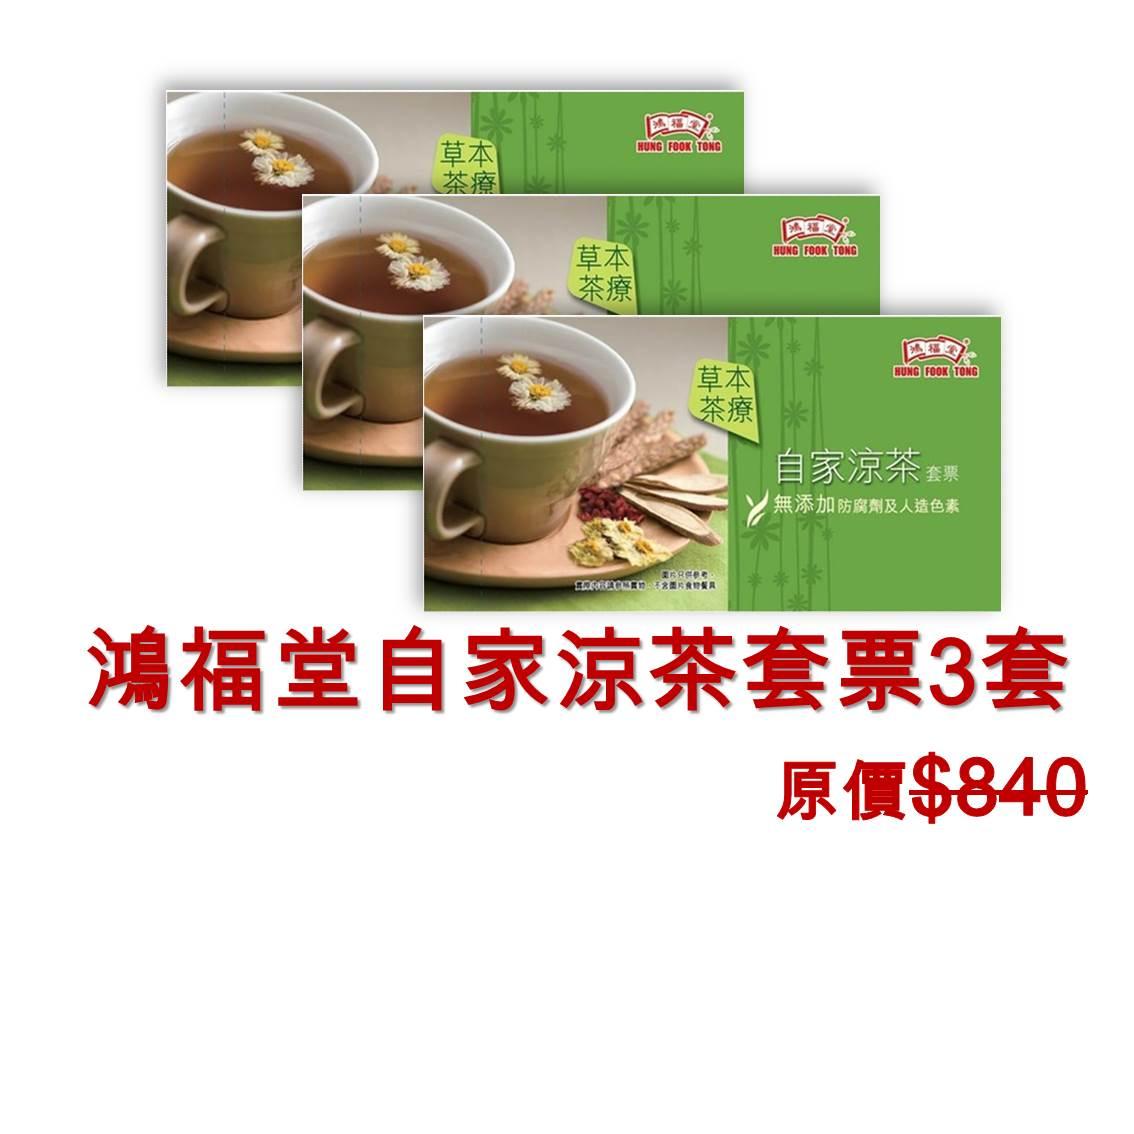 鴻福堂自家涼茶套票(每本10 張) 3本 *與其他貨品分開發貨及通知取貨